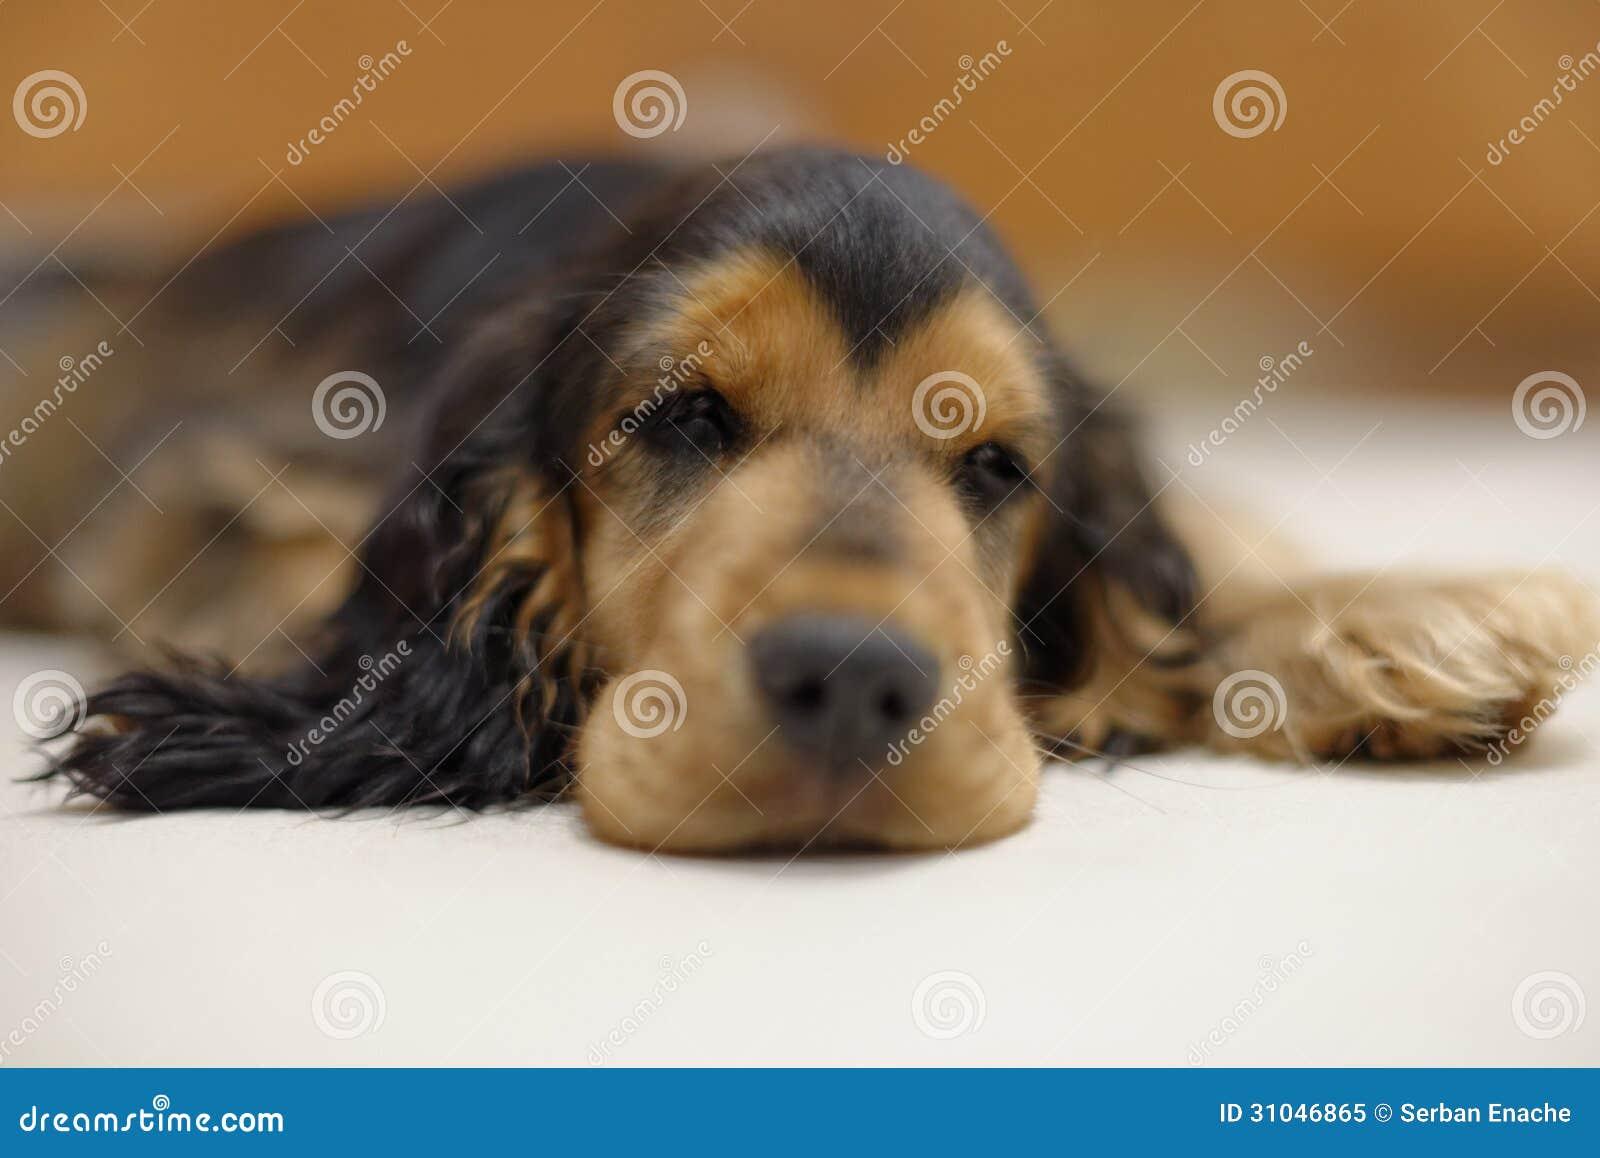 Cucciolo Di Sonno Cocker Spaniel Immagine Stock Immagine Di Resto